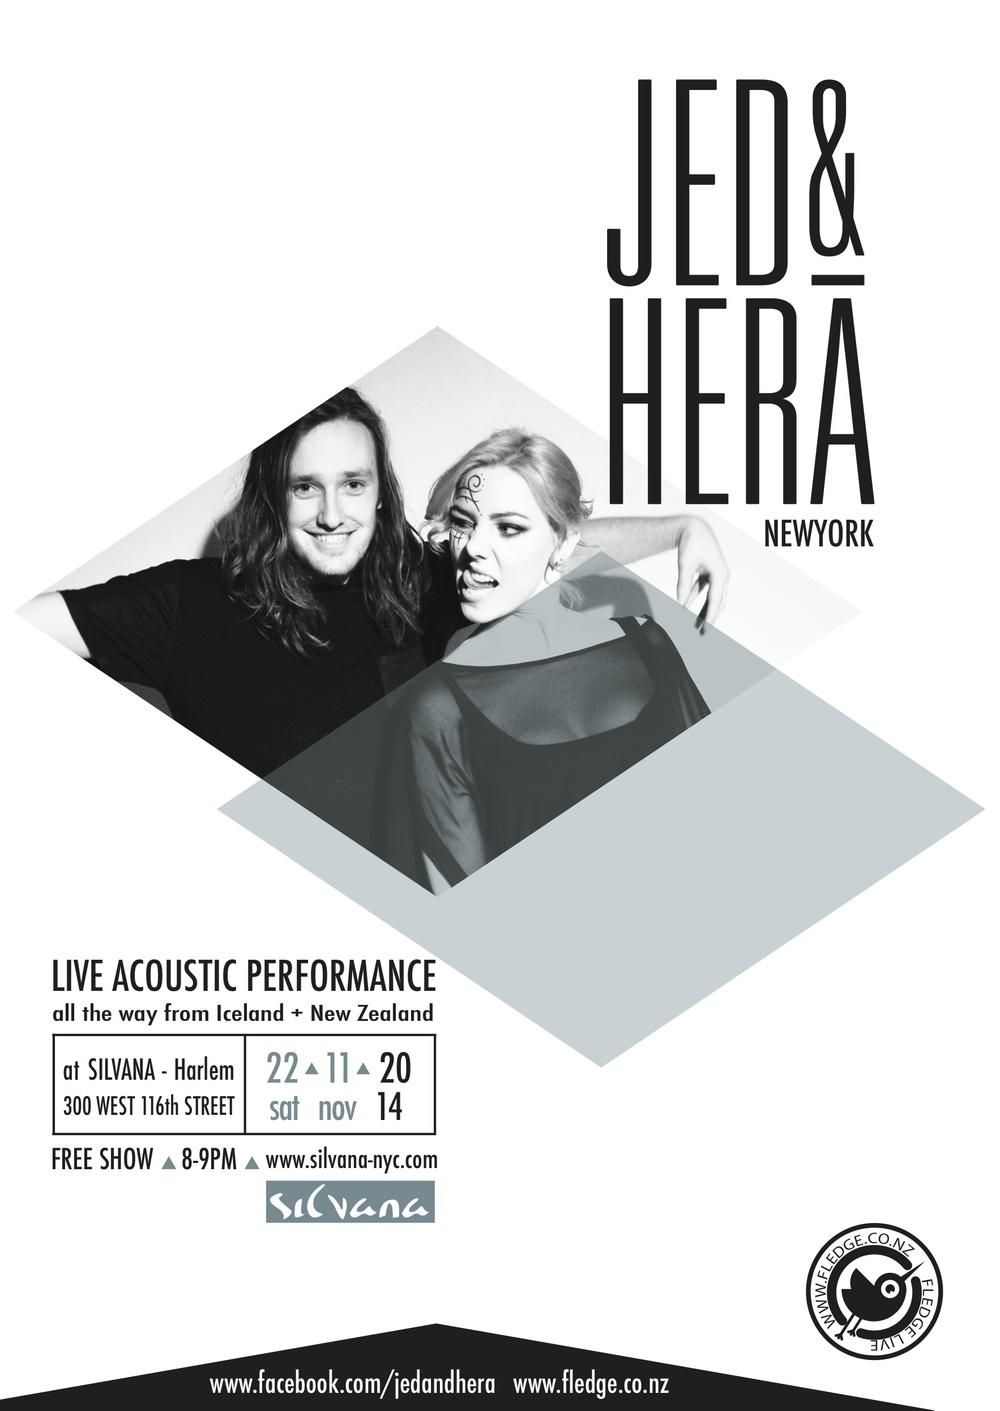 Hera.1.11.jpg